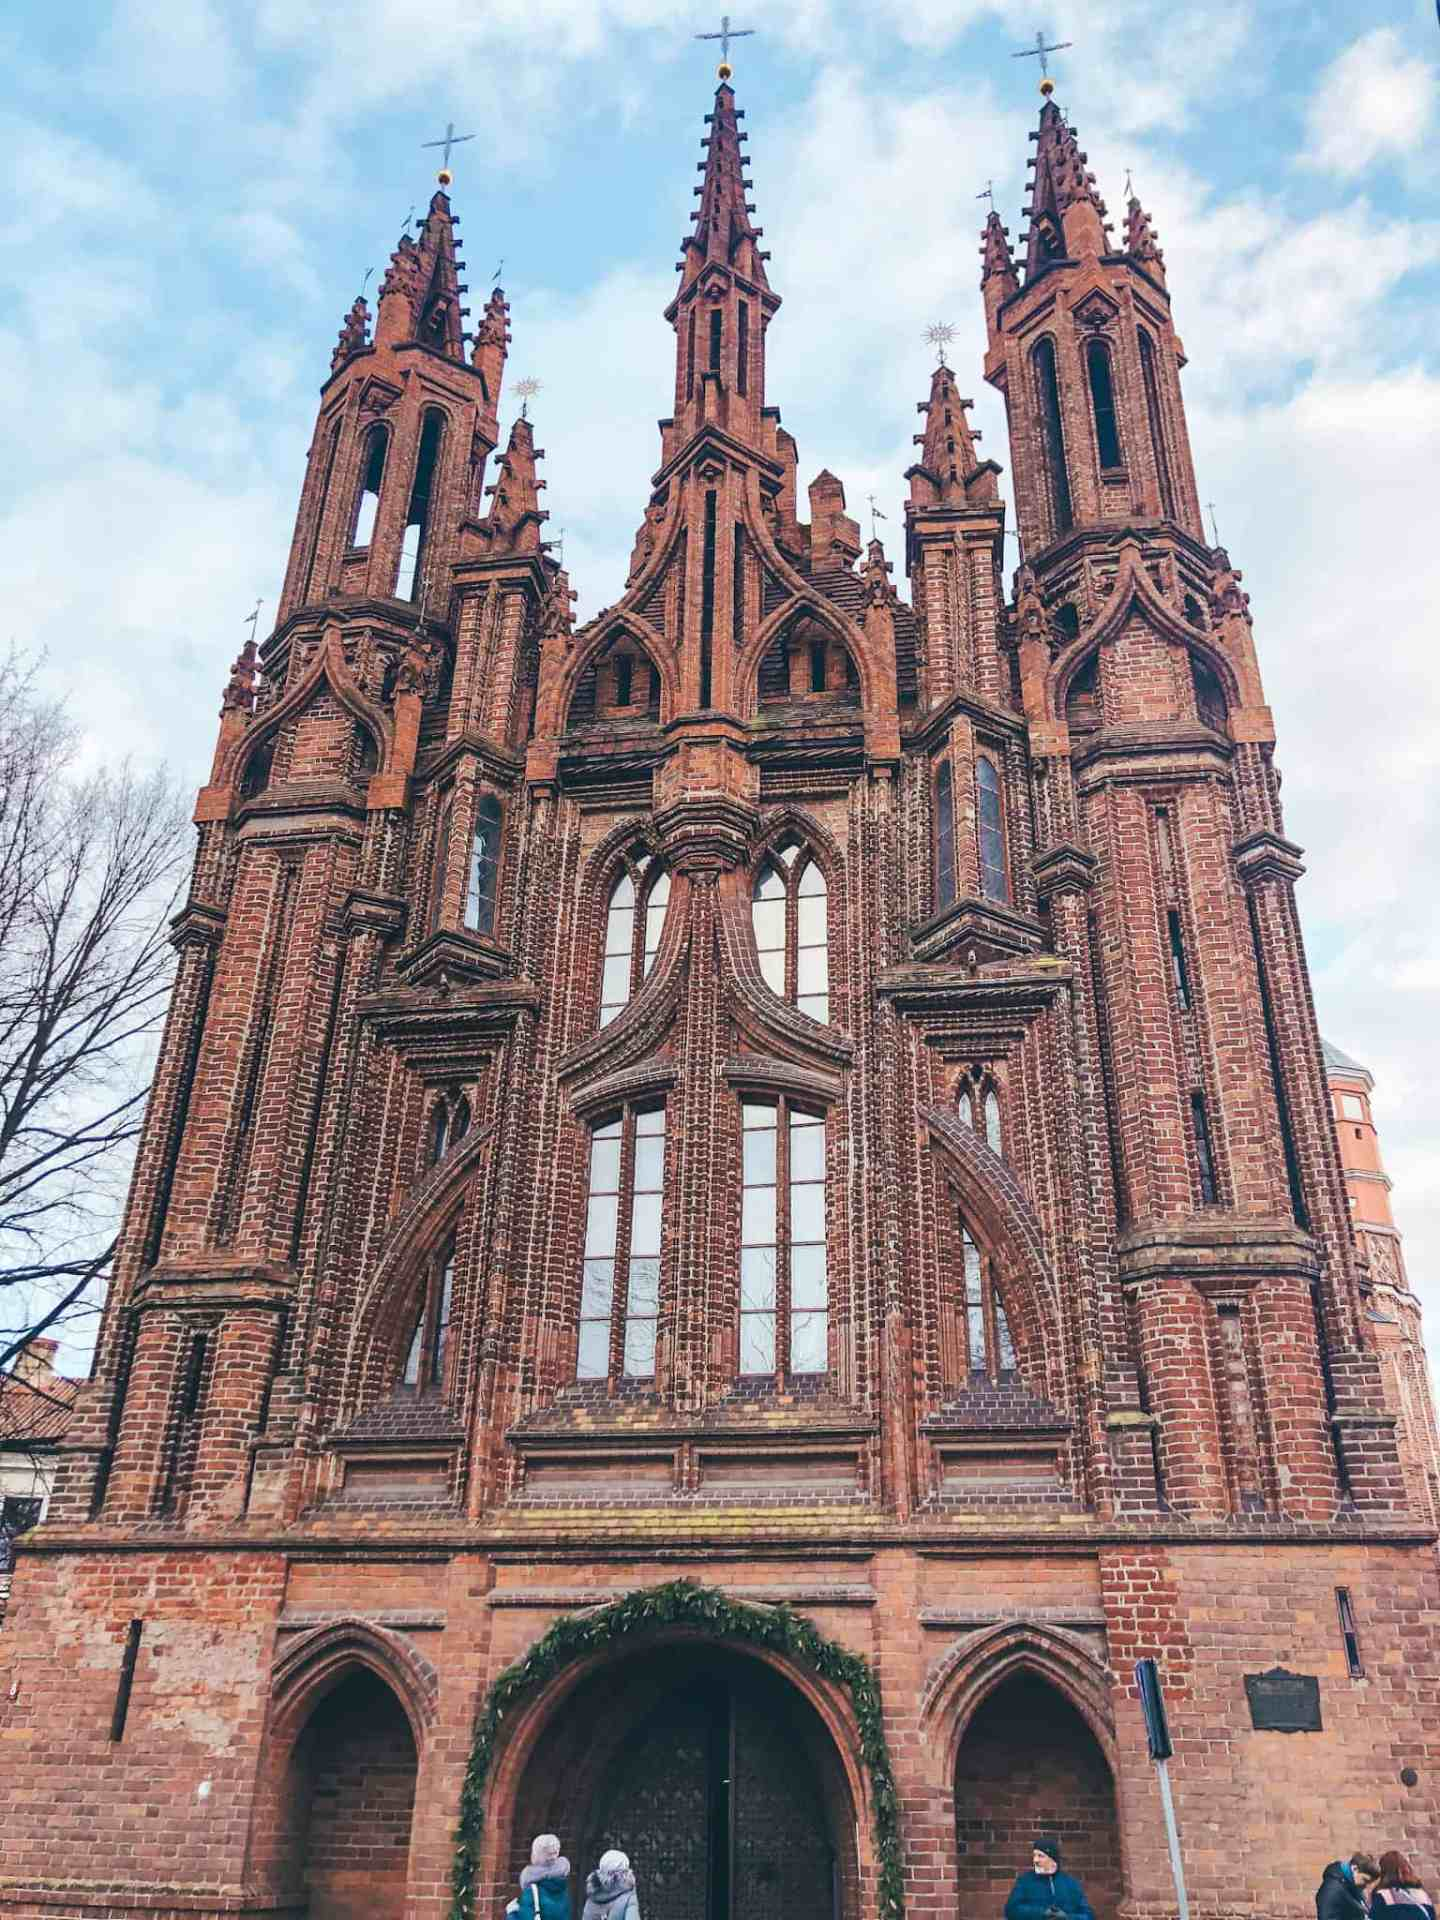 A big red brick church